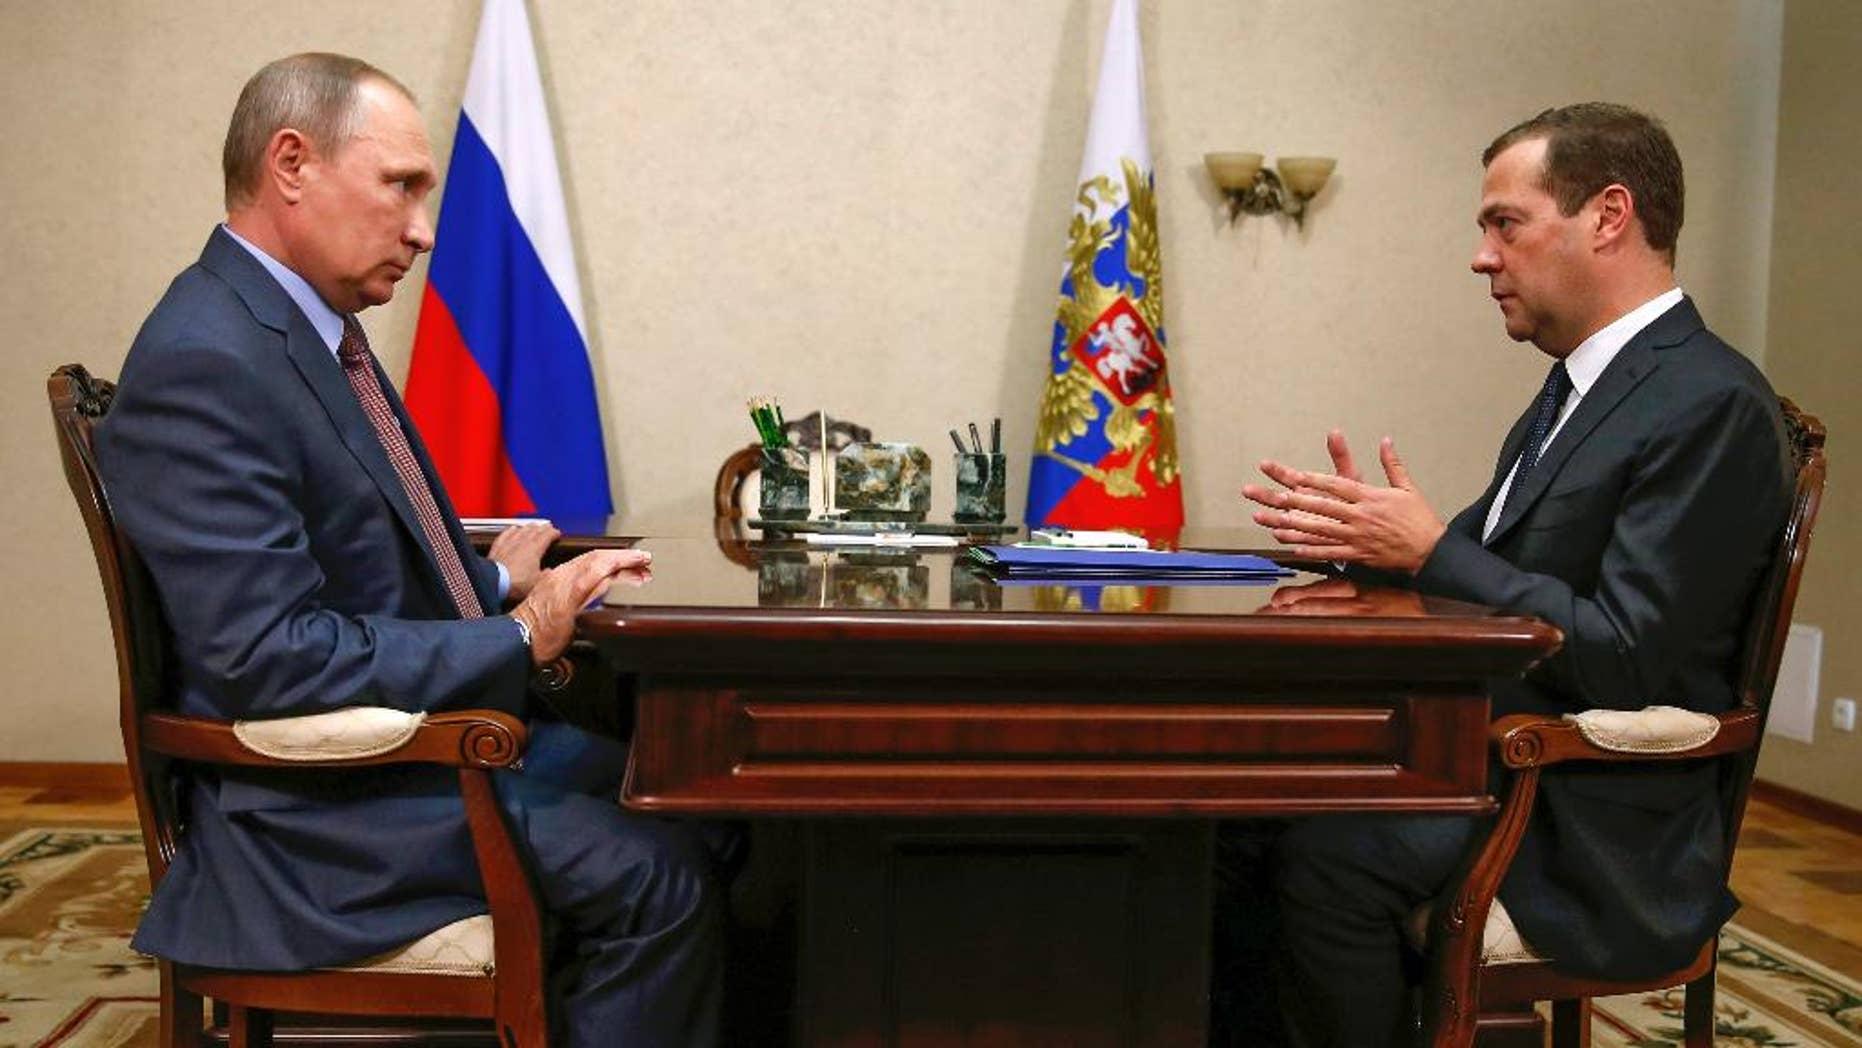 Russian President Vladimir Putin, left, and Prime Minister Dmitry Medvedev meet in Belbek in Crimea, Friday, Aug. 19, 2016. (Dmitry Astakhov/Sputnik, Government Pool Photo via AP)